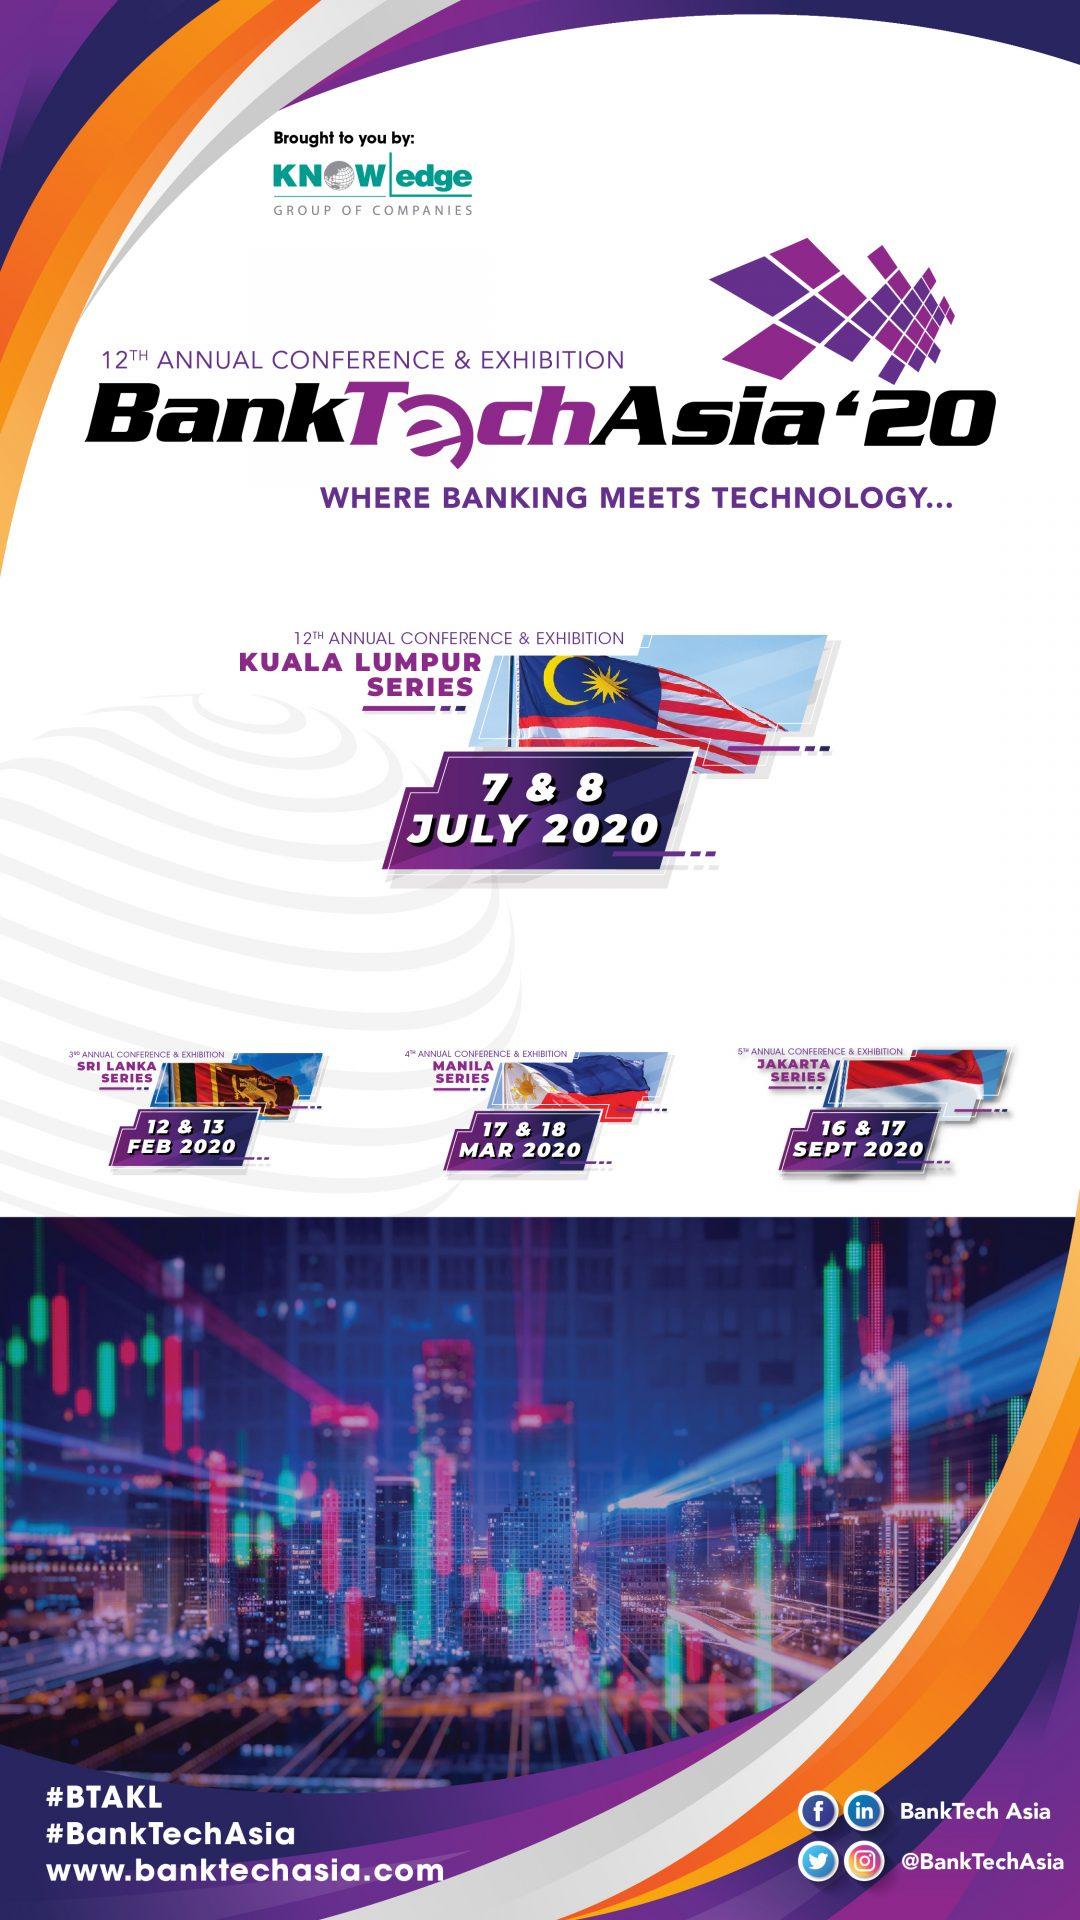 KGC Website Event Slide_2020-04